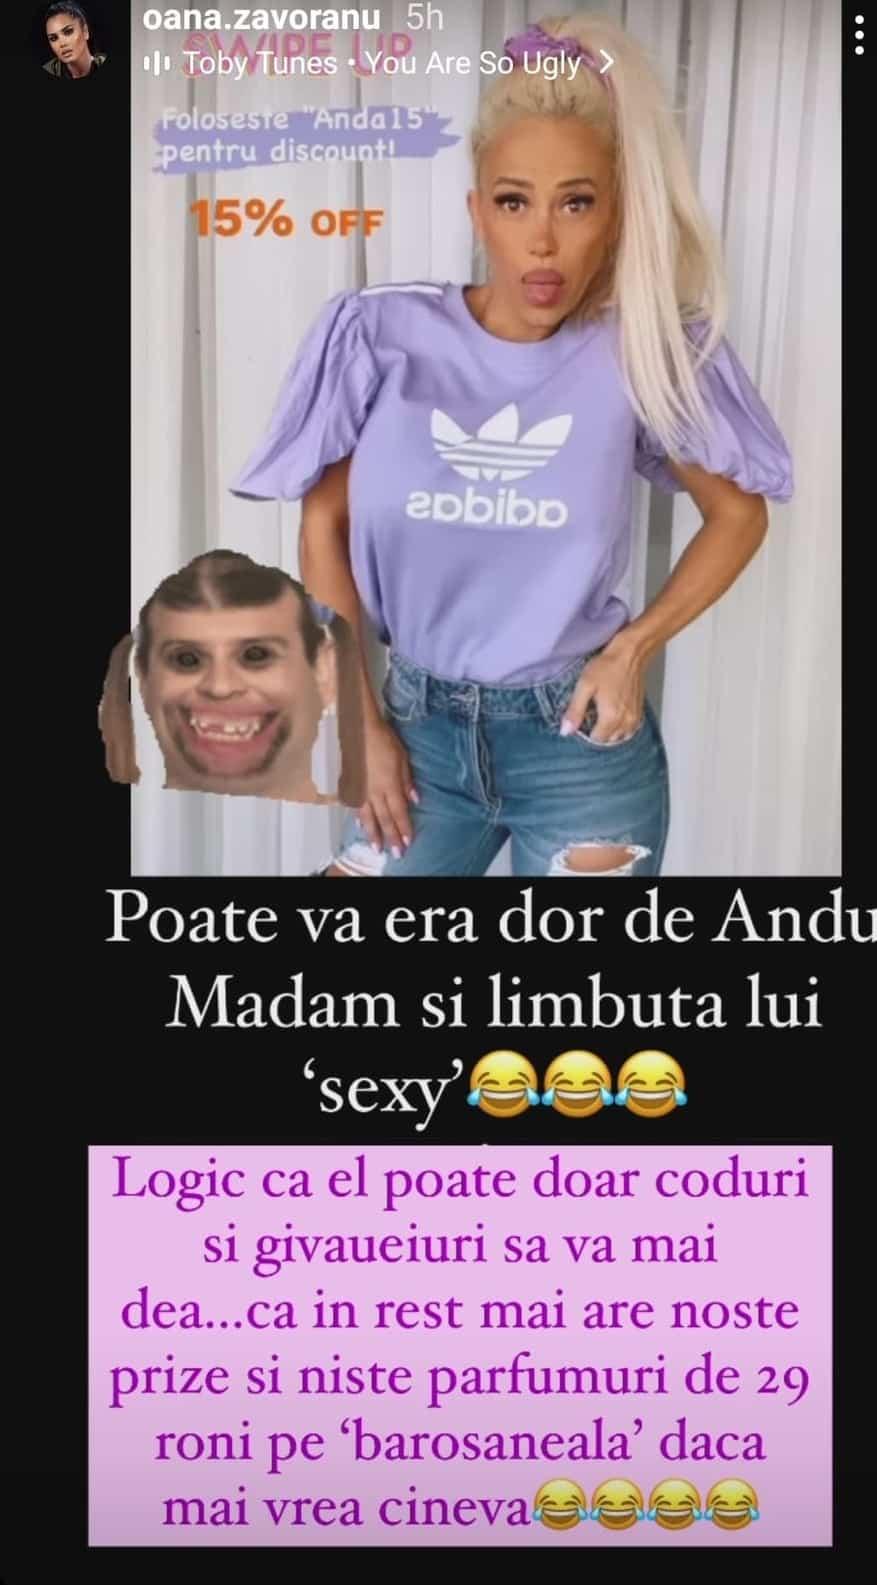 """Oana Zăvoranu, un nou atac la adresa Andei Adam: """"Poate vă era dor..."""""""